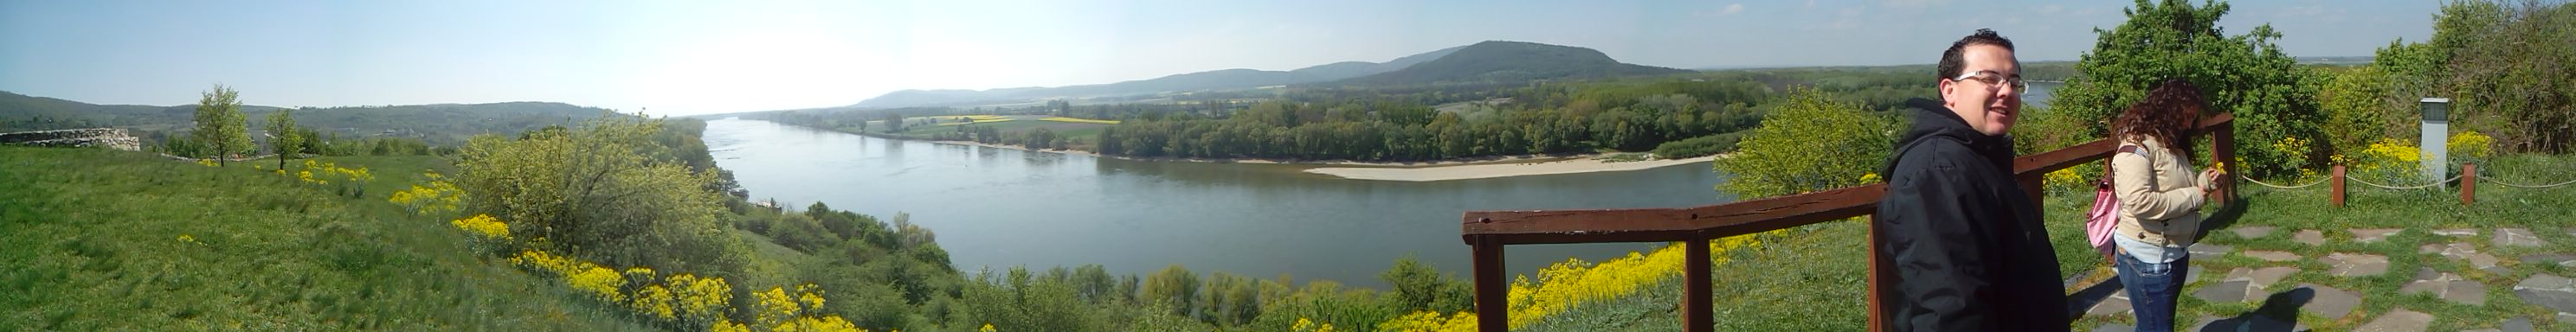 Vistas desde el Castillo de Devin - Bratislava (Eslovaquia)